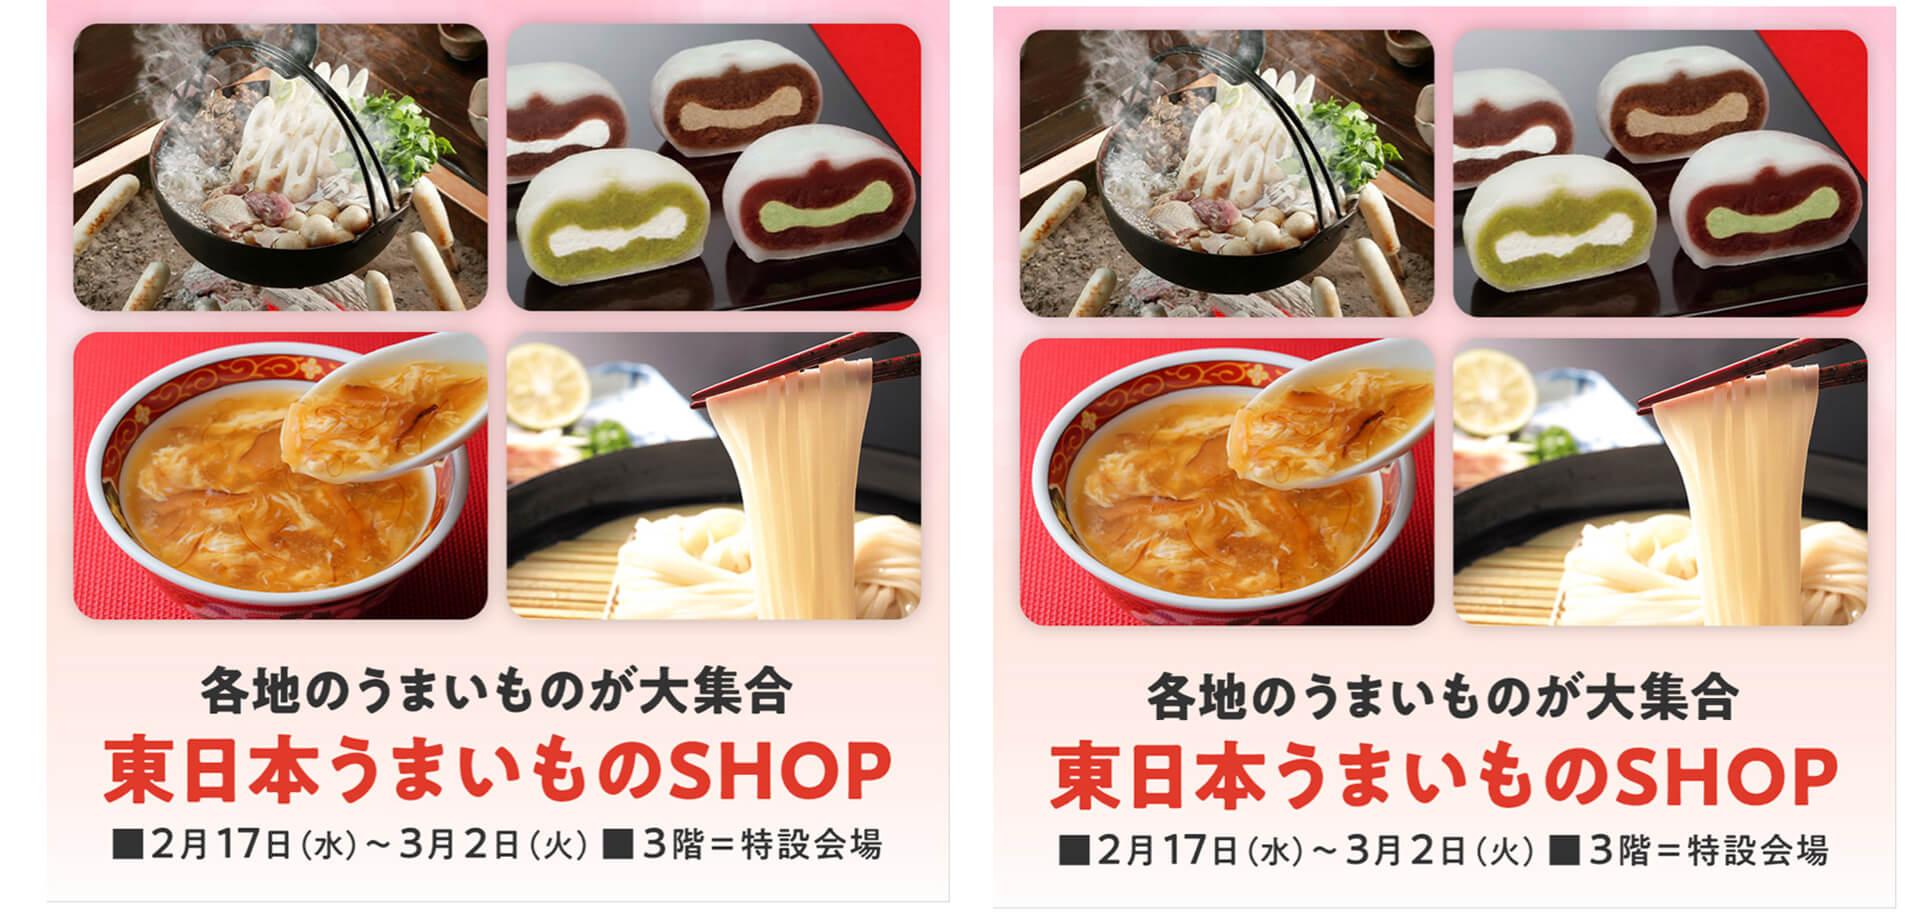 そごう大宮店「東日本うまいものSHOP」